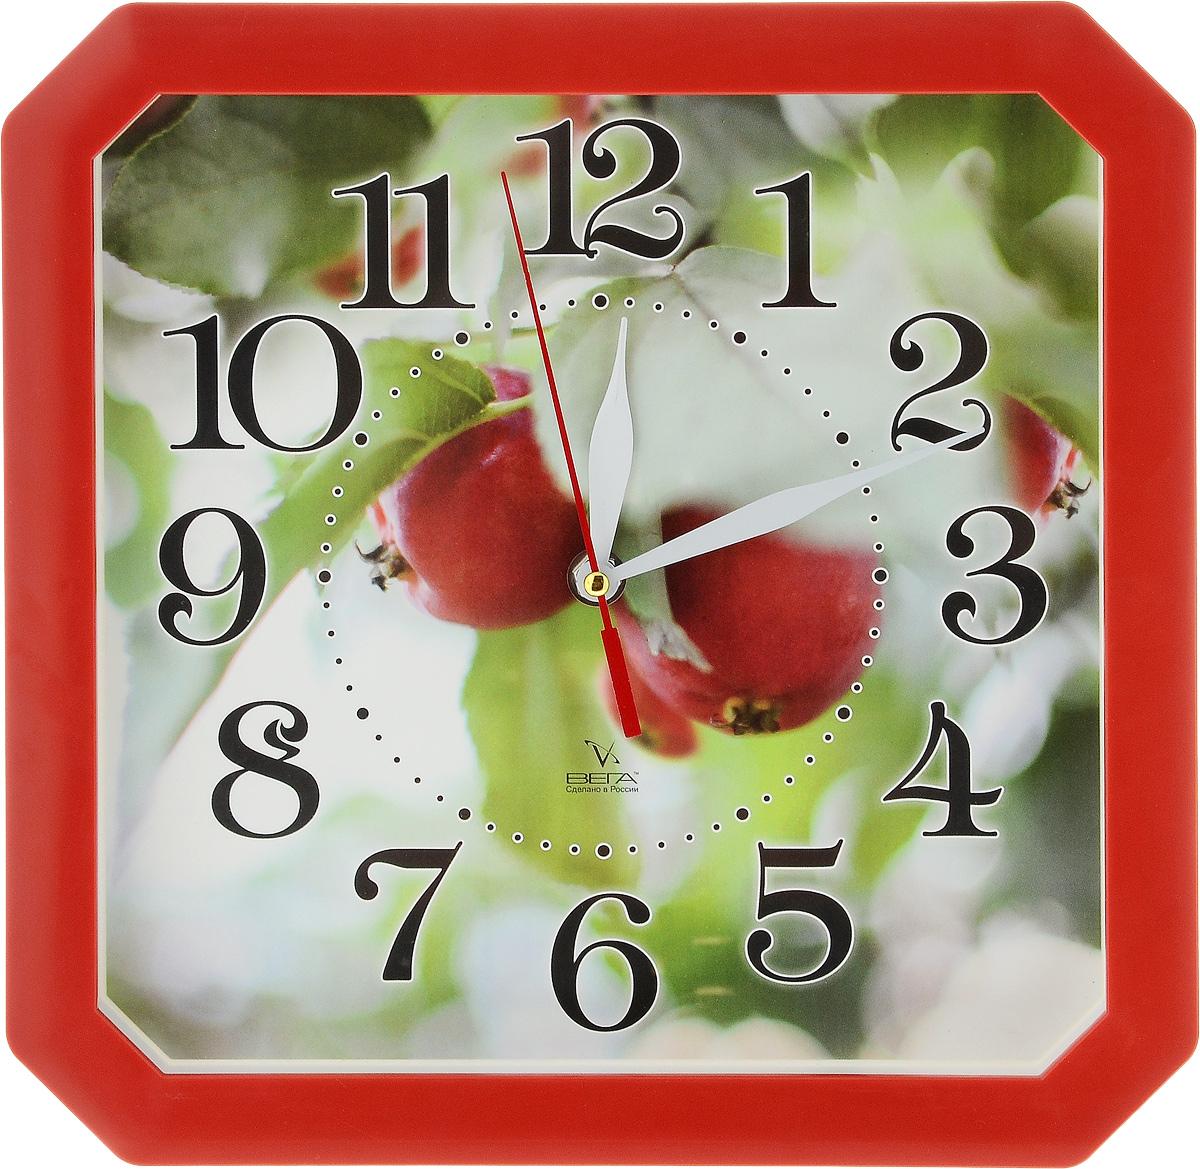 Часы настенные Вега Ранетки, 27,7 х 27,3 смП4-1/7-83Настенные кварцевые часы Вега Ранетки, изготовленныеиз пластика, прекрасно впишутся в интерьер вашего дома.Часы имеют три стрелки: часовую, минутную и секундную,циферблат защищен прозрачным стеклом.Часы работают от 1 батарейки типа АА напряжением 1,5 В(не входит в комплект).Прилагается инструкция по эксплуатации.